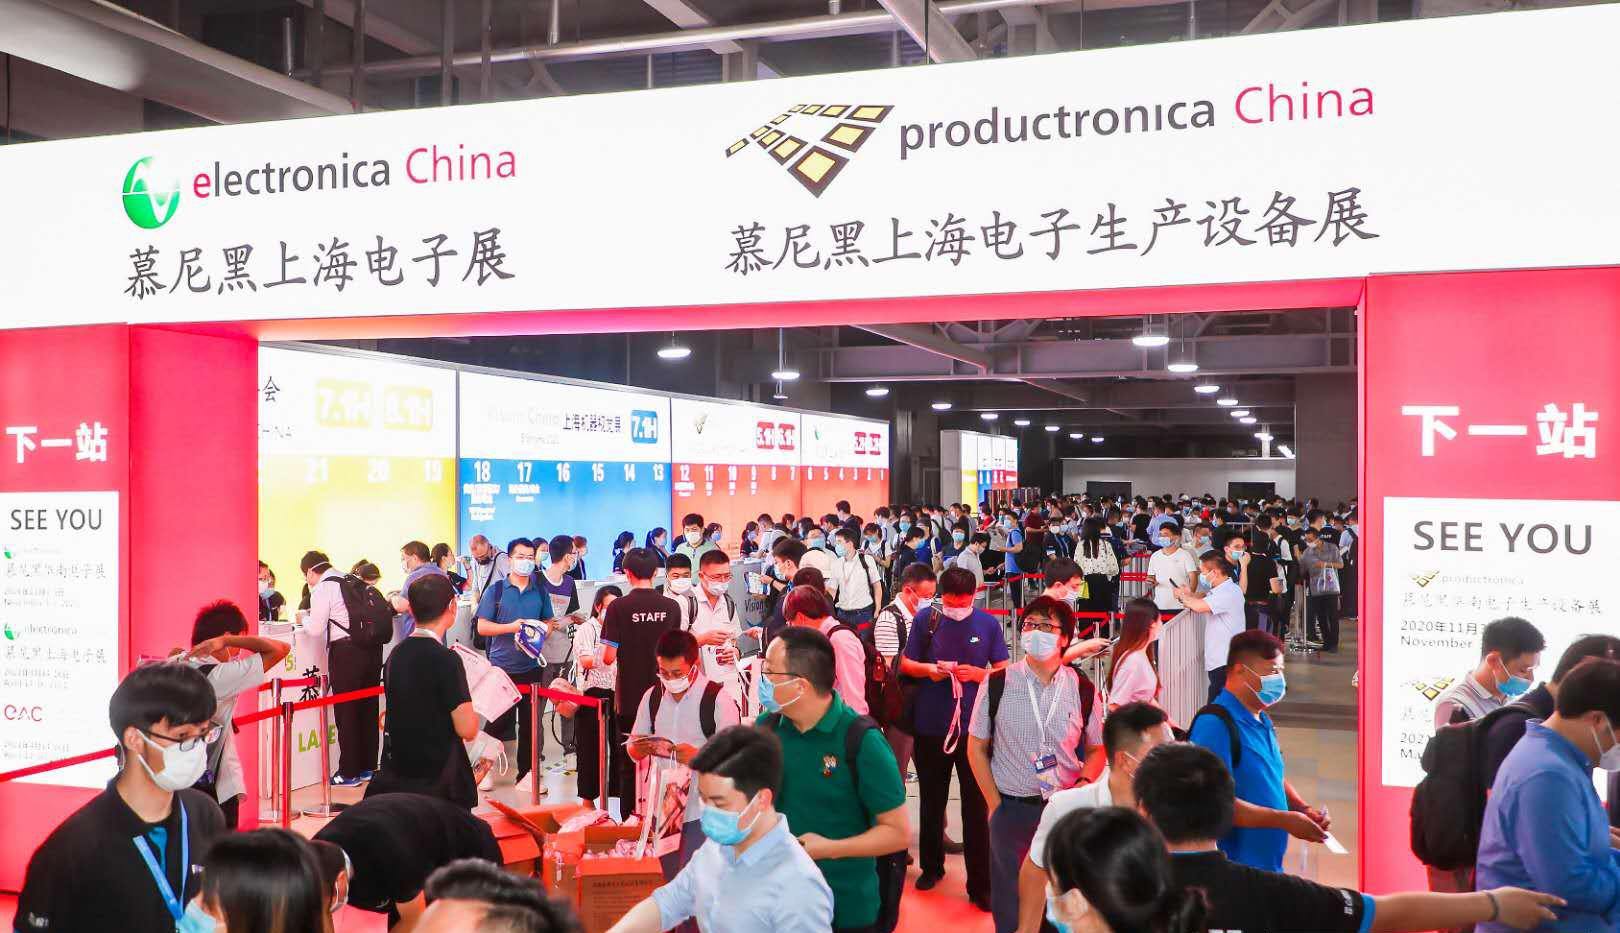 慕尼黑上海電子展